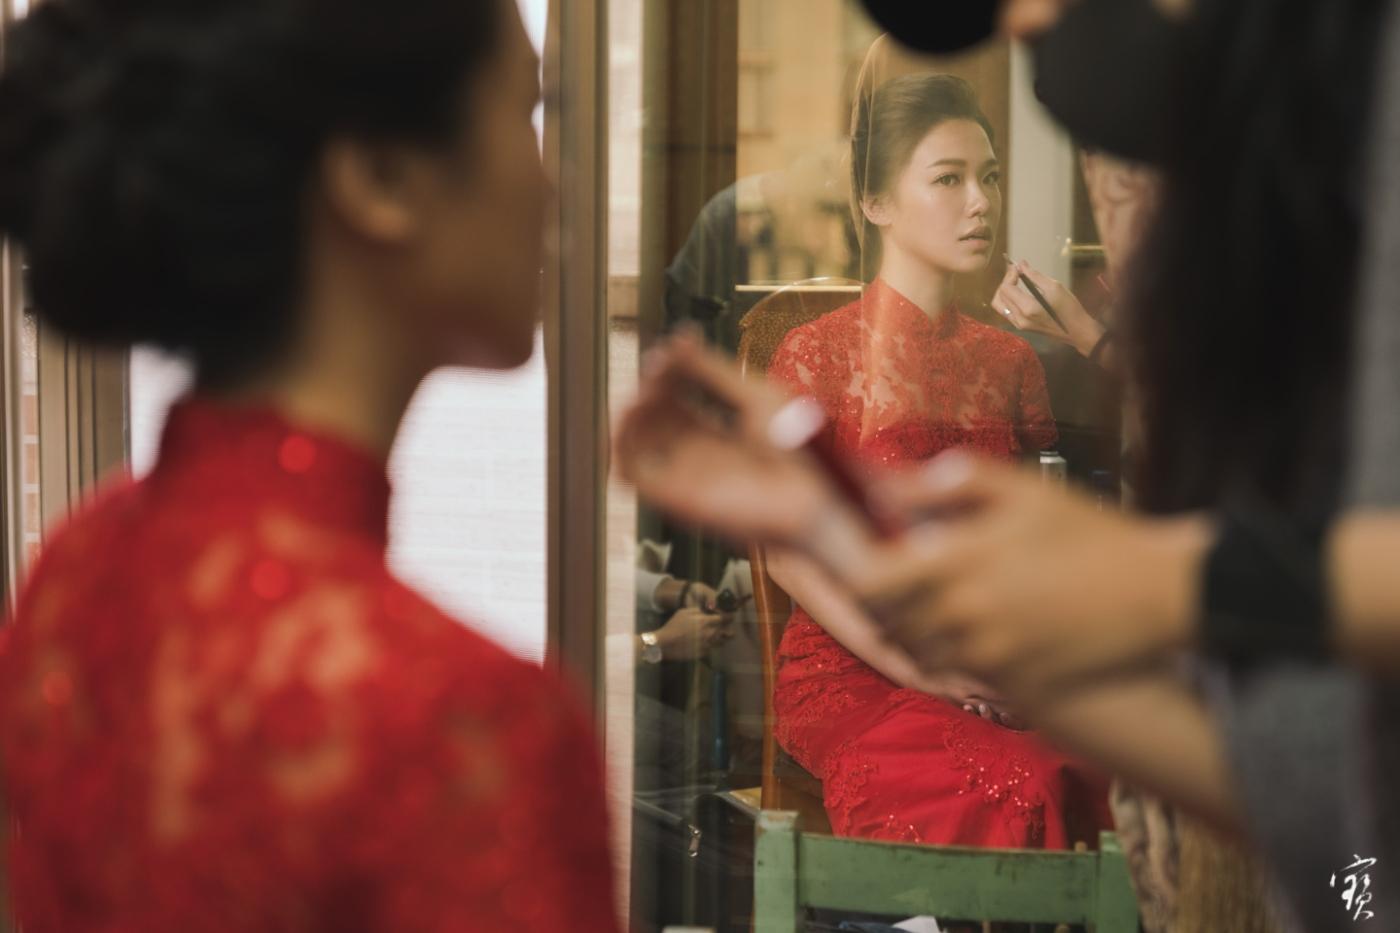 婚禮攝影 婚紗 大直 典華 冬半影像 攝影師大寶 北部攝影 台北攝影 桃園攝影 新竹攝影20181208-16